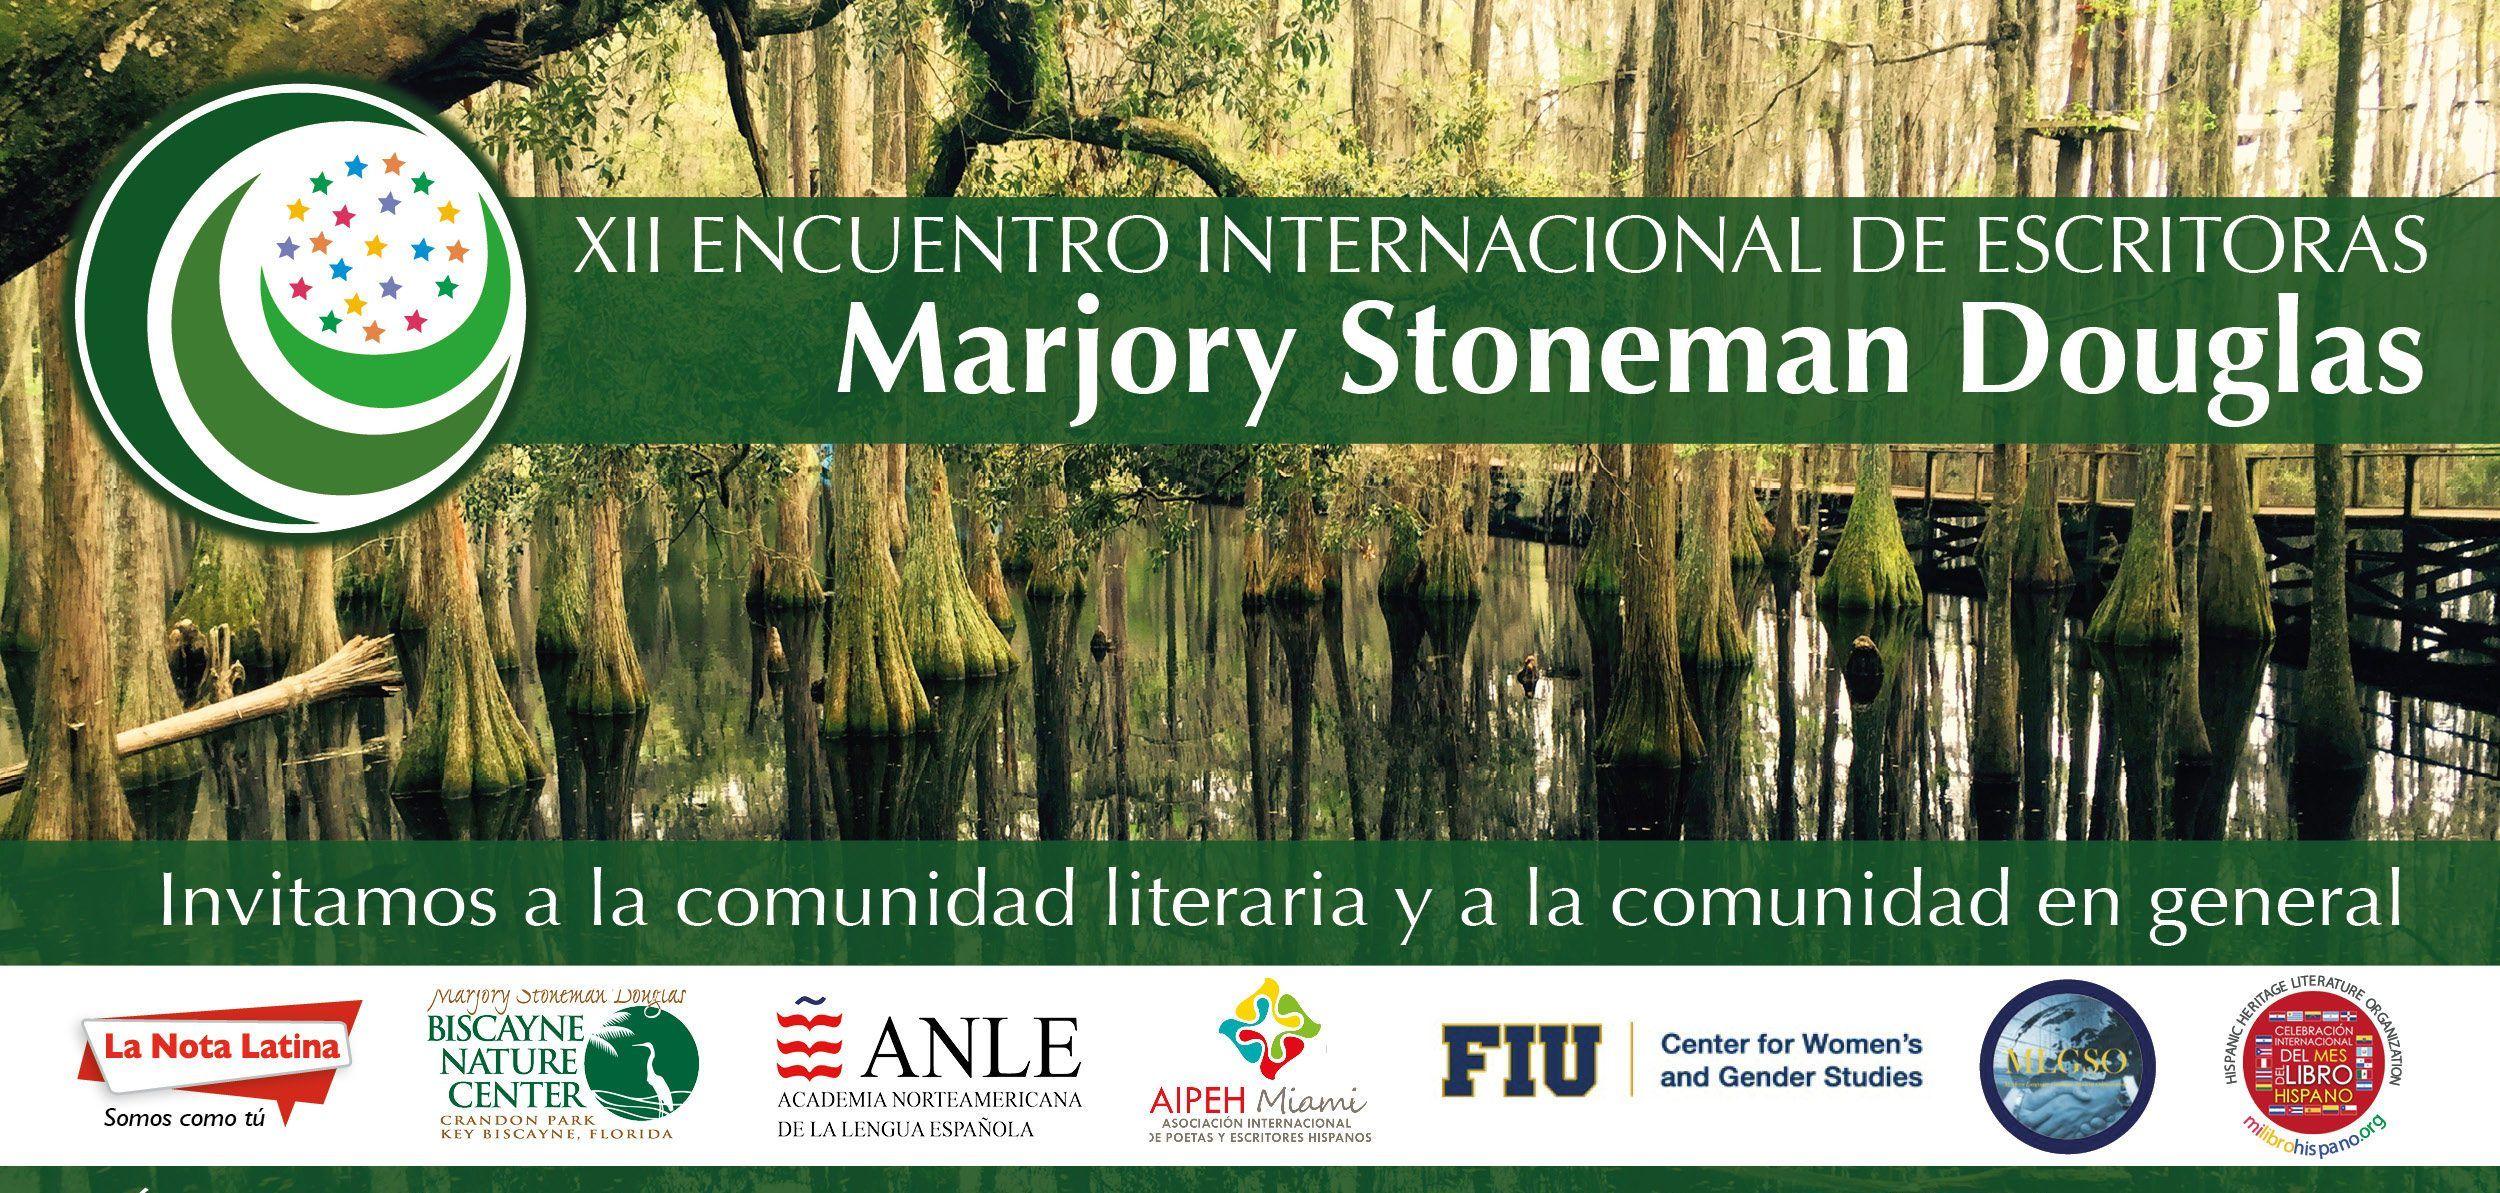 XII Encuentro Internacional de Escritoras (Miami, USA)